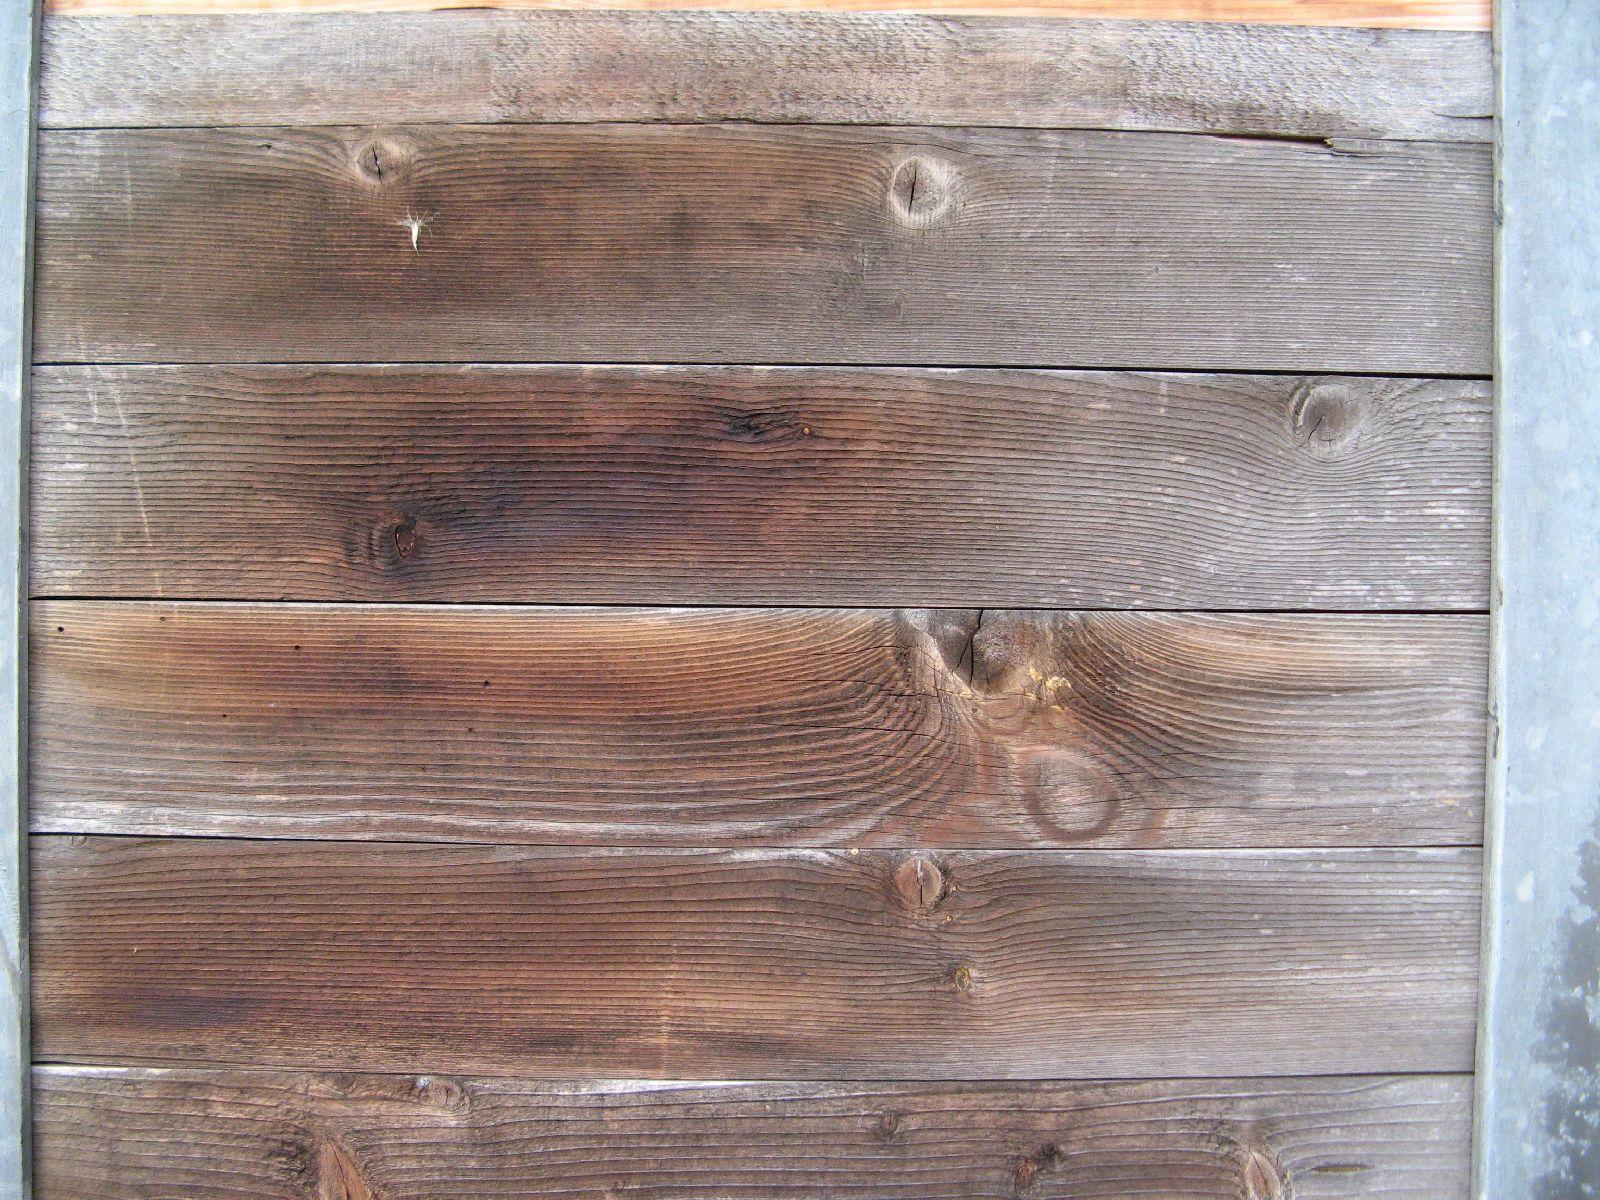 Holz_Texturs_B_0675